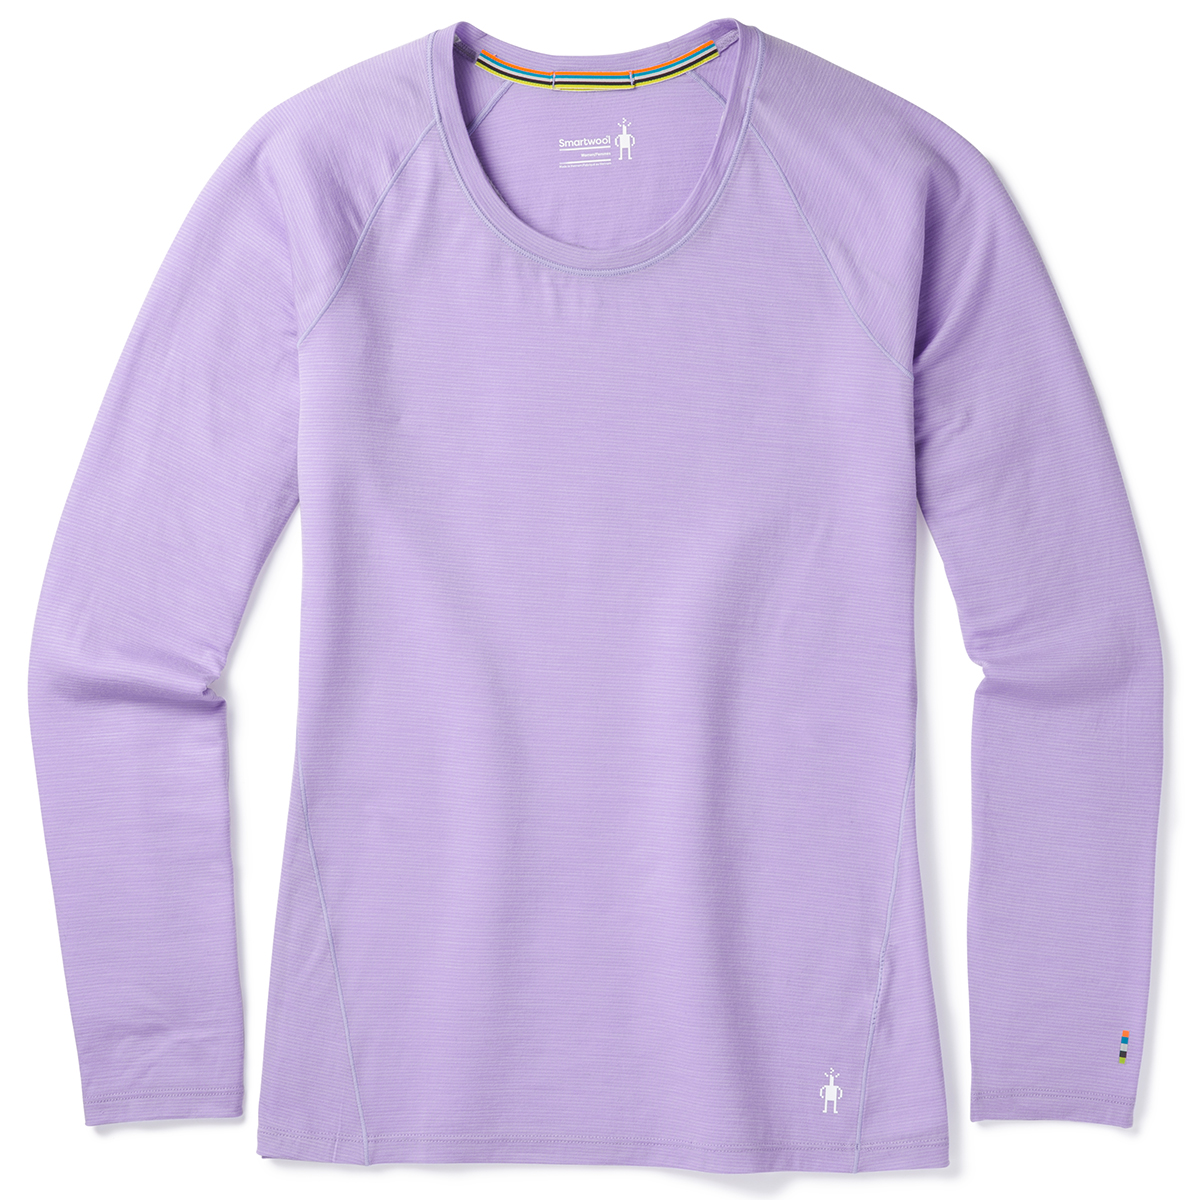 Smartwool Women's Merino 150 Pattern Long-Sleeve Base Layer - Purple, L